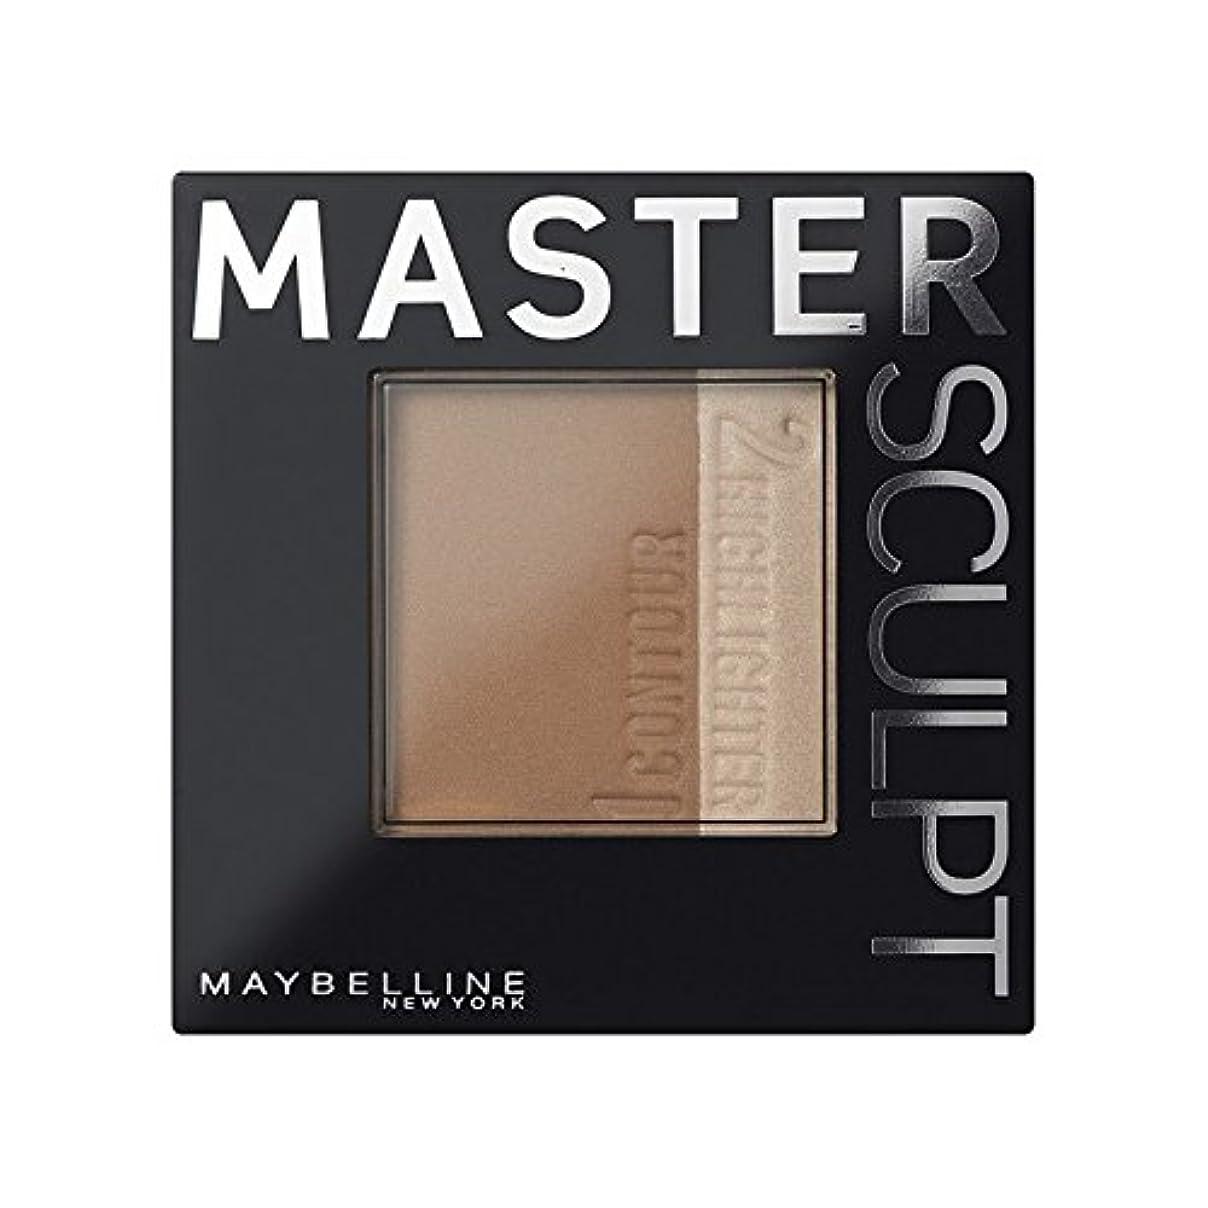 浪費ハーフ便利さ土台01光/ を輪郭メイベリンマスタースカルプト x4 - Maybelline Master Sculpt Contouring Foundation 01 Light/Med (Pack of 4) [並行輸入品]